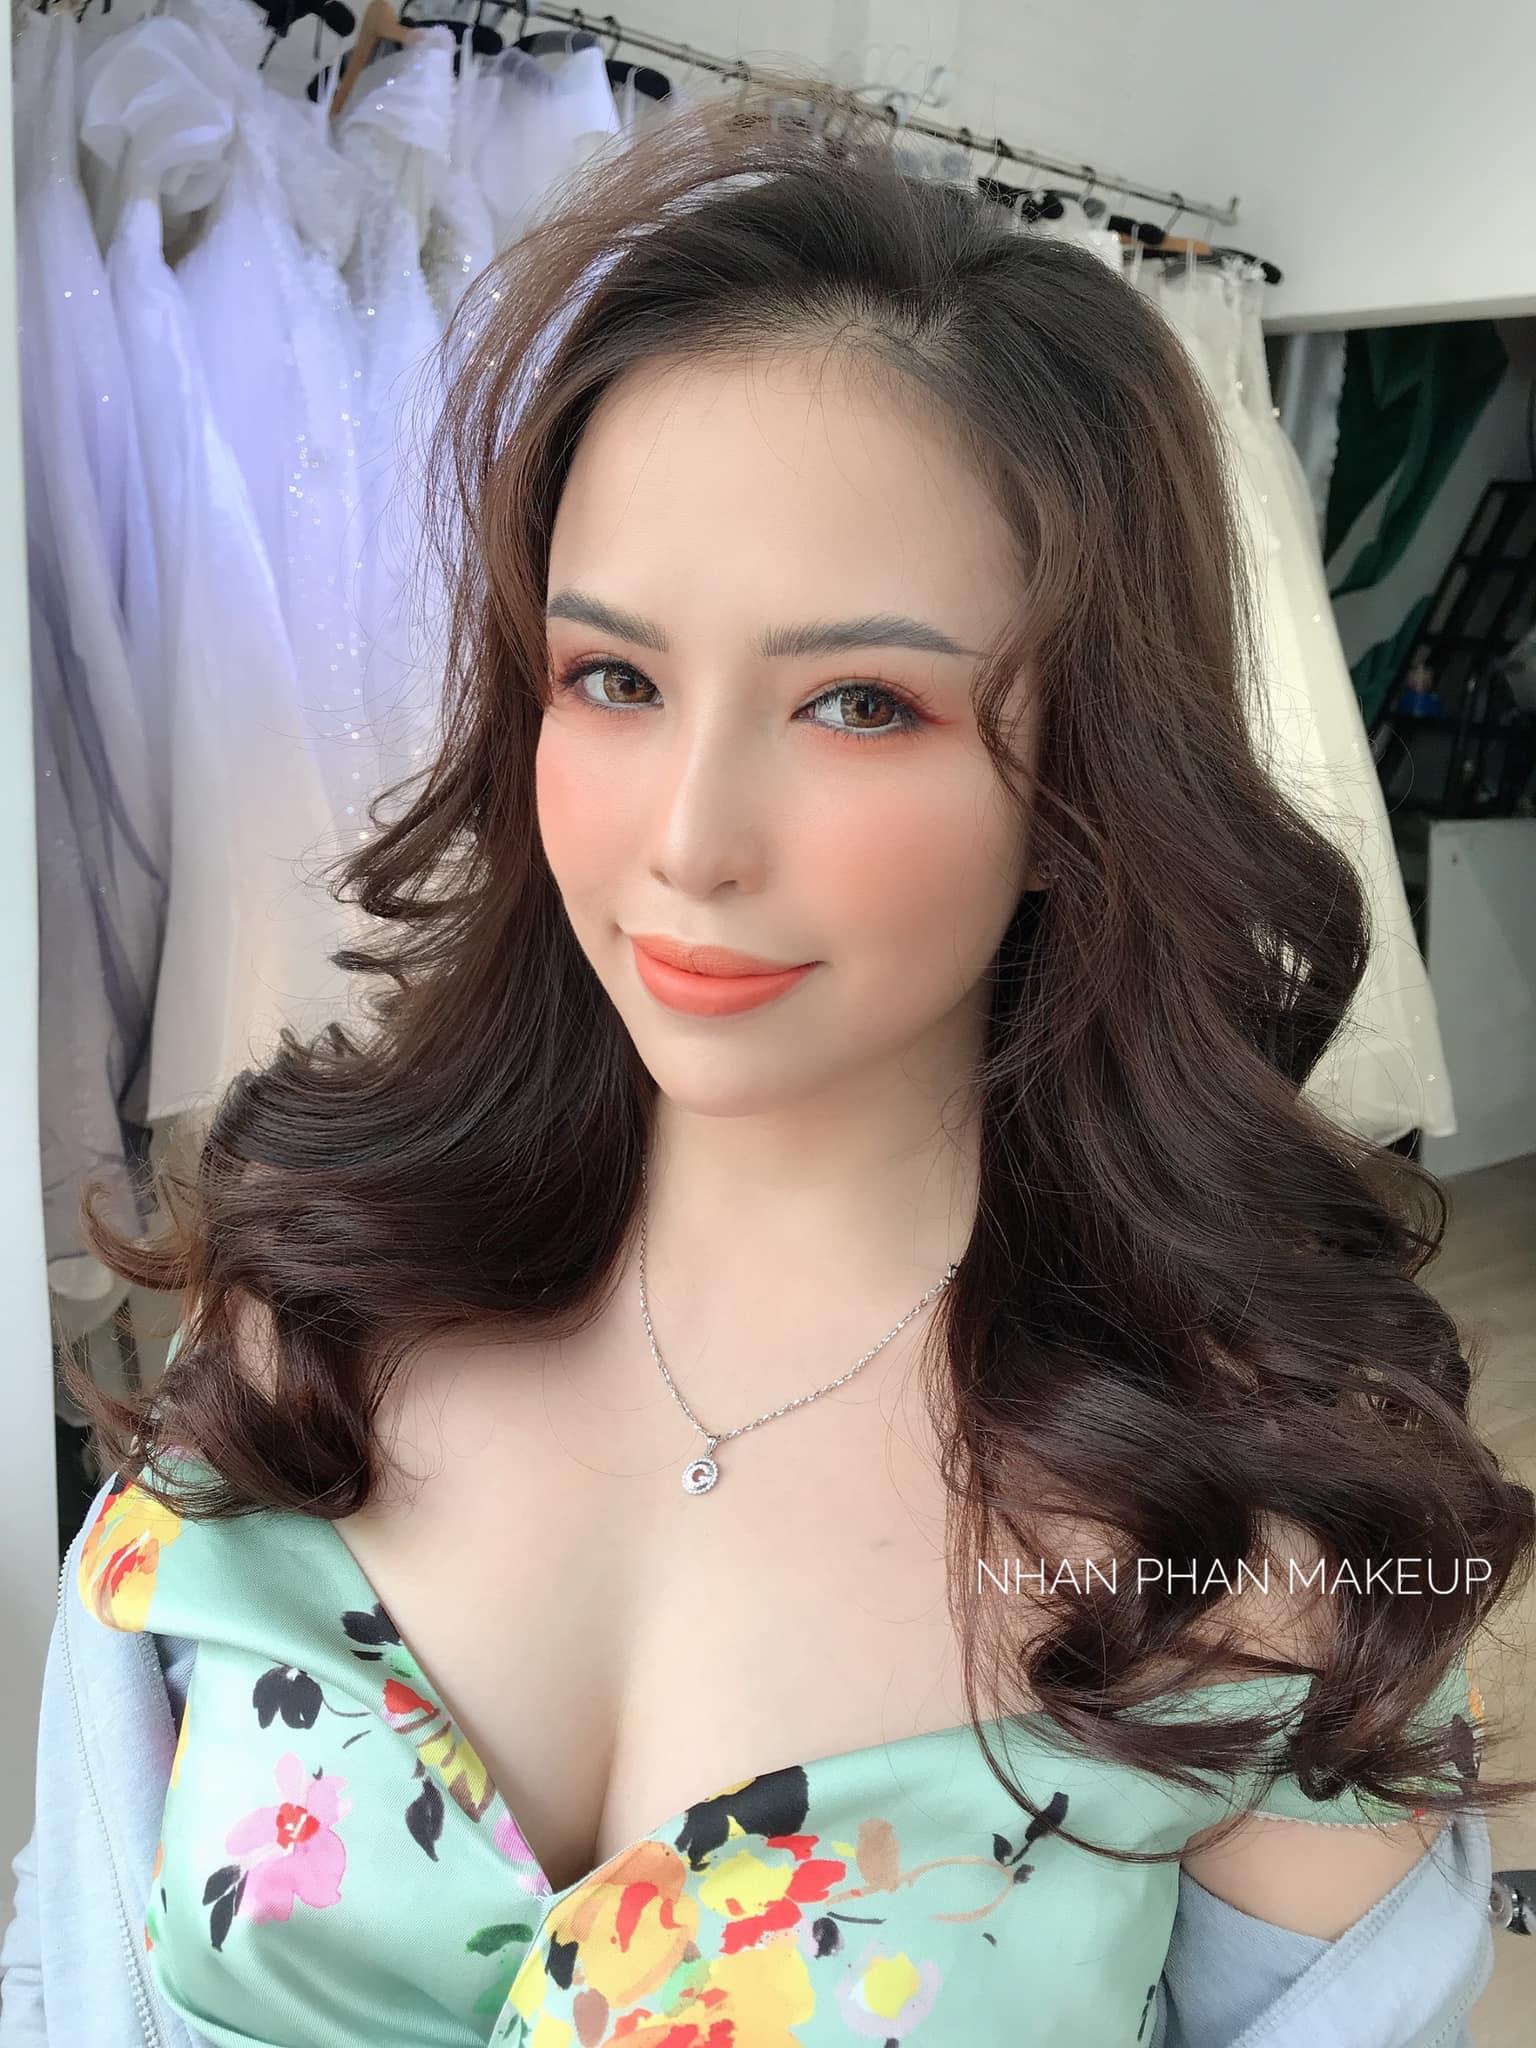 Top 7 tiệm trang điểm cô dâu đẹp nhất tại Tiền Giang -  Iris Phan